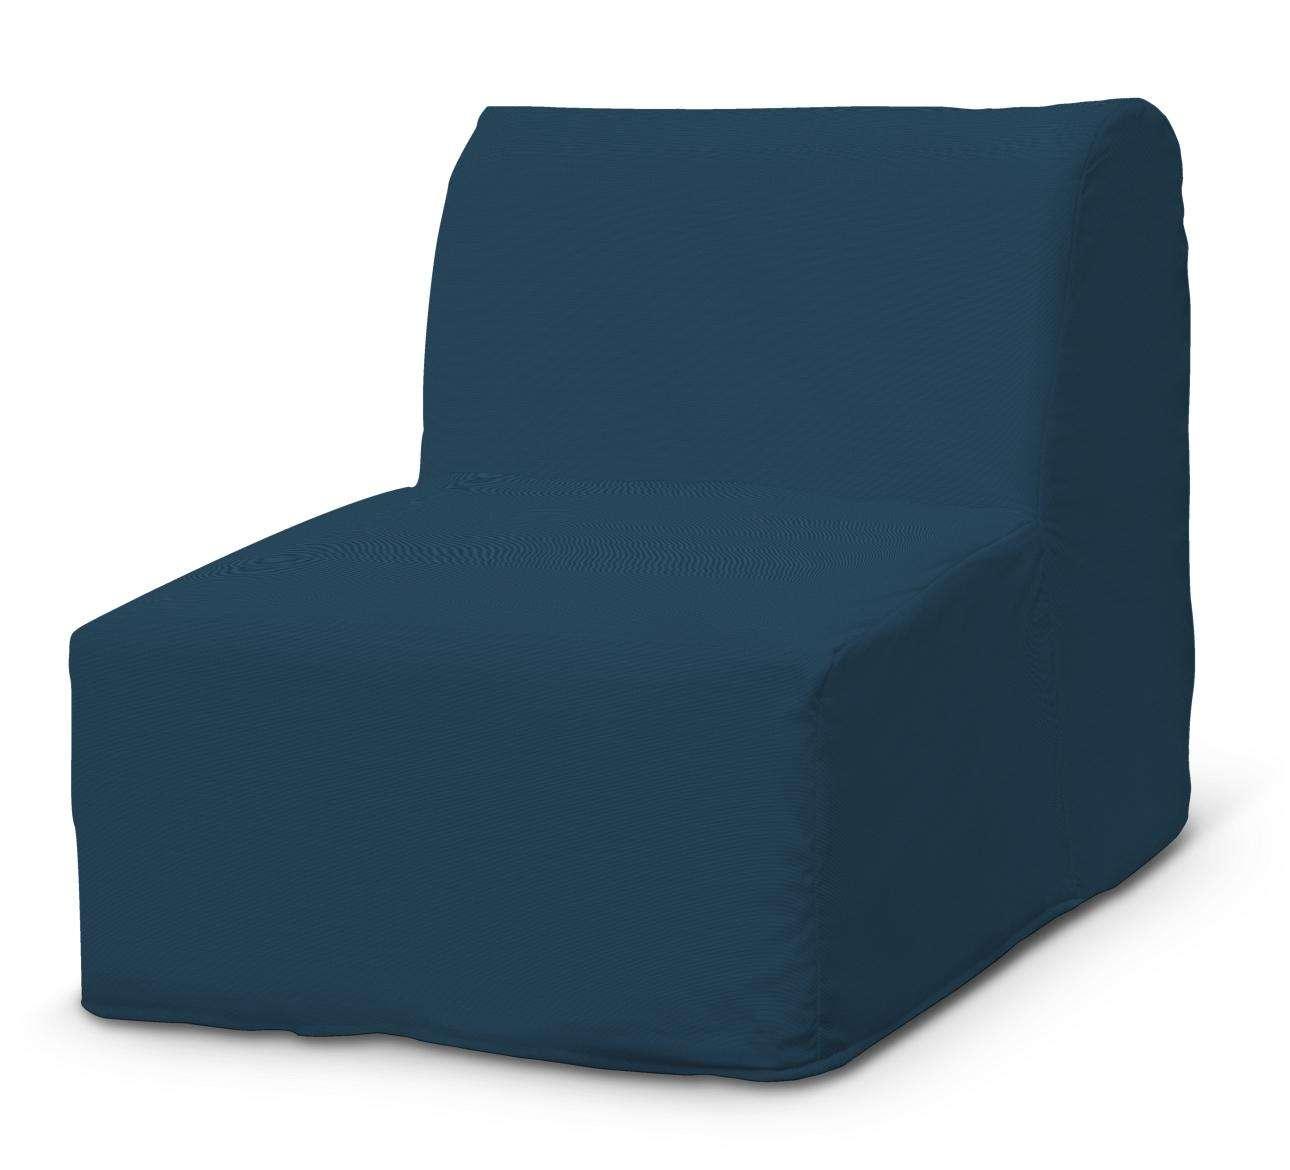 Lycksele fotelio užvalkalas Lycksele fotelis kolekcijoje Cotton Panama, audinys: 702-30